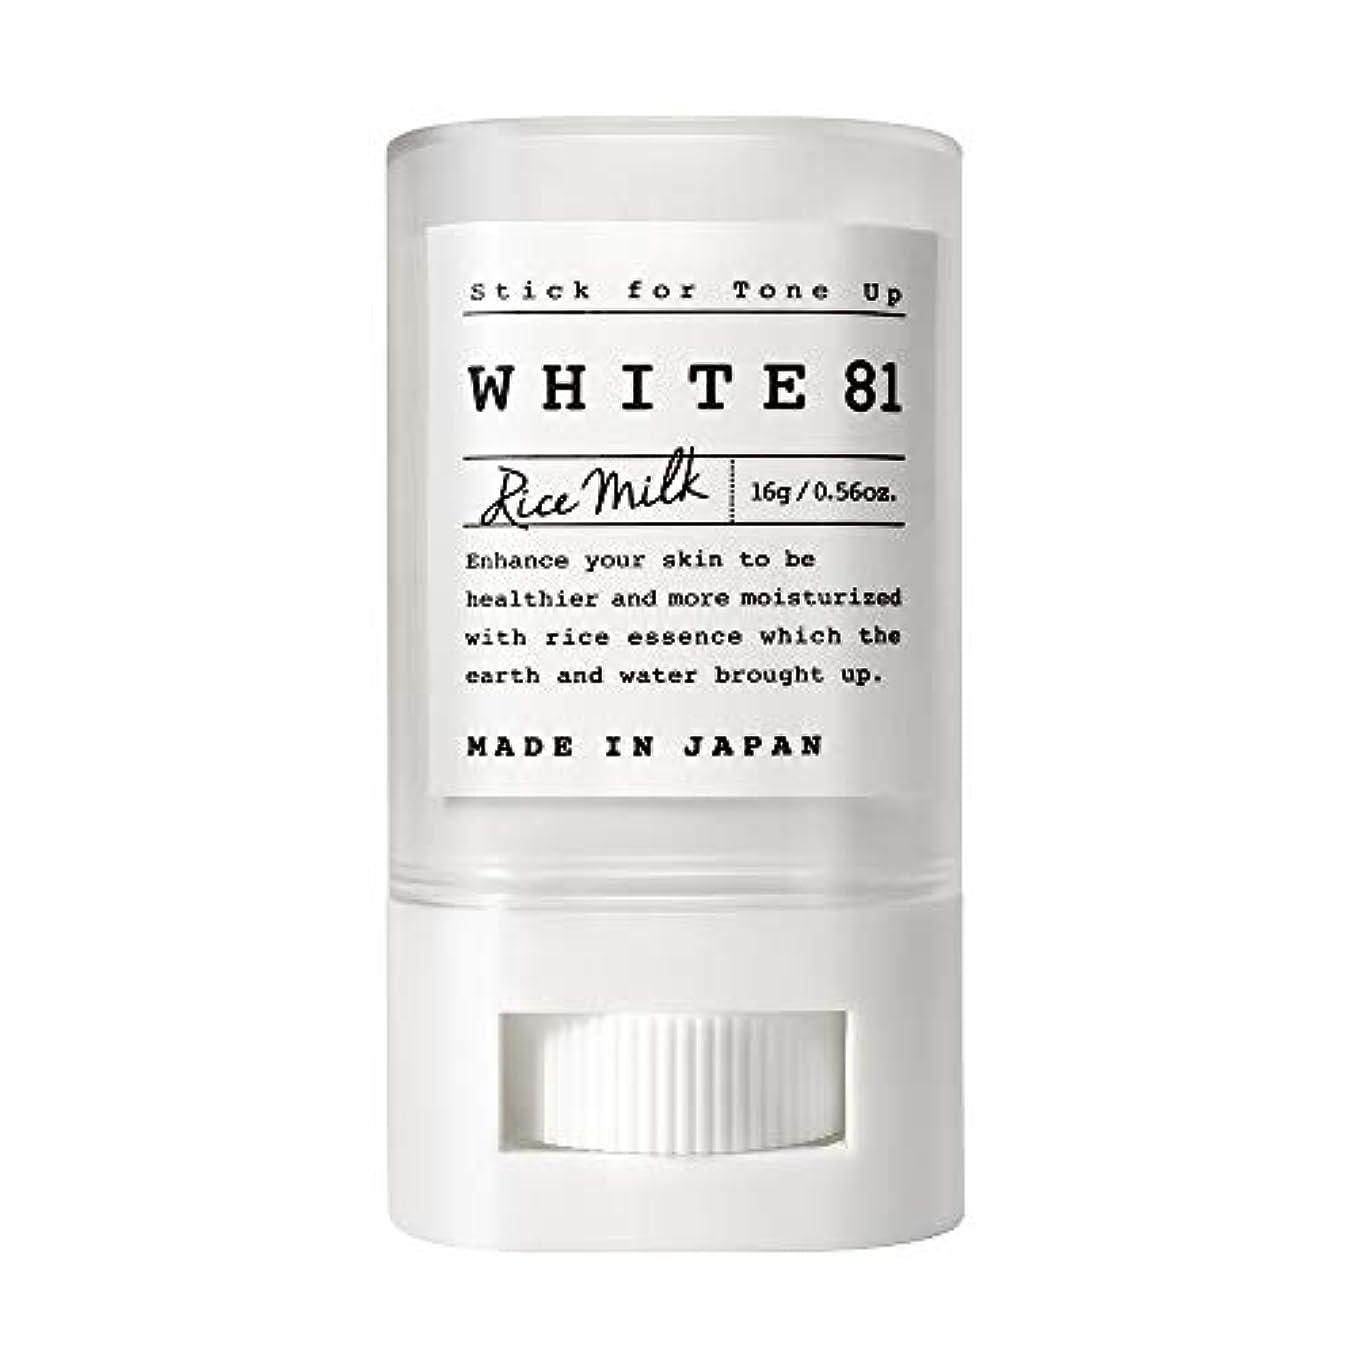 最初に雲法医学WHITE81 ホワイト81 トーンアップスティック(化粧下地?日焼け止め / SPF35?PA+++?ウォータープルーフ?複合保湿成分配合?肌に優しい6種のフリー / 日本製)